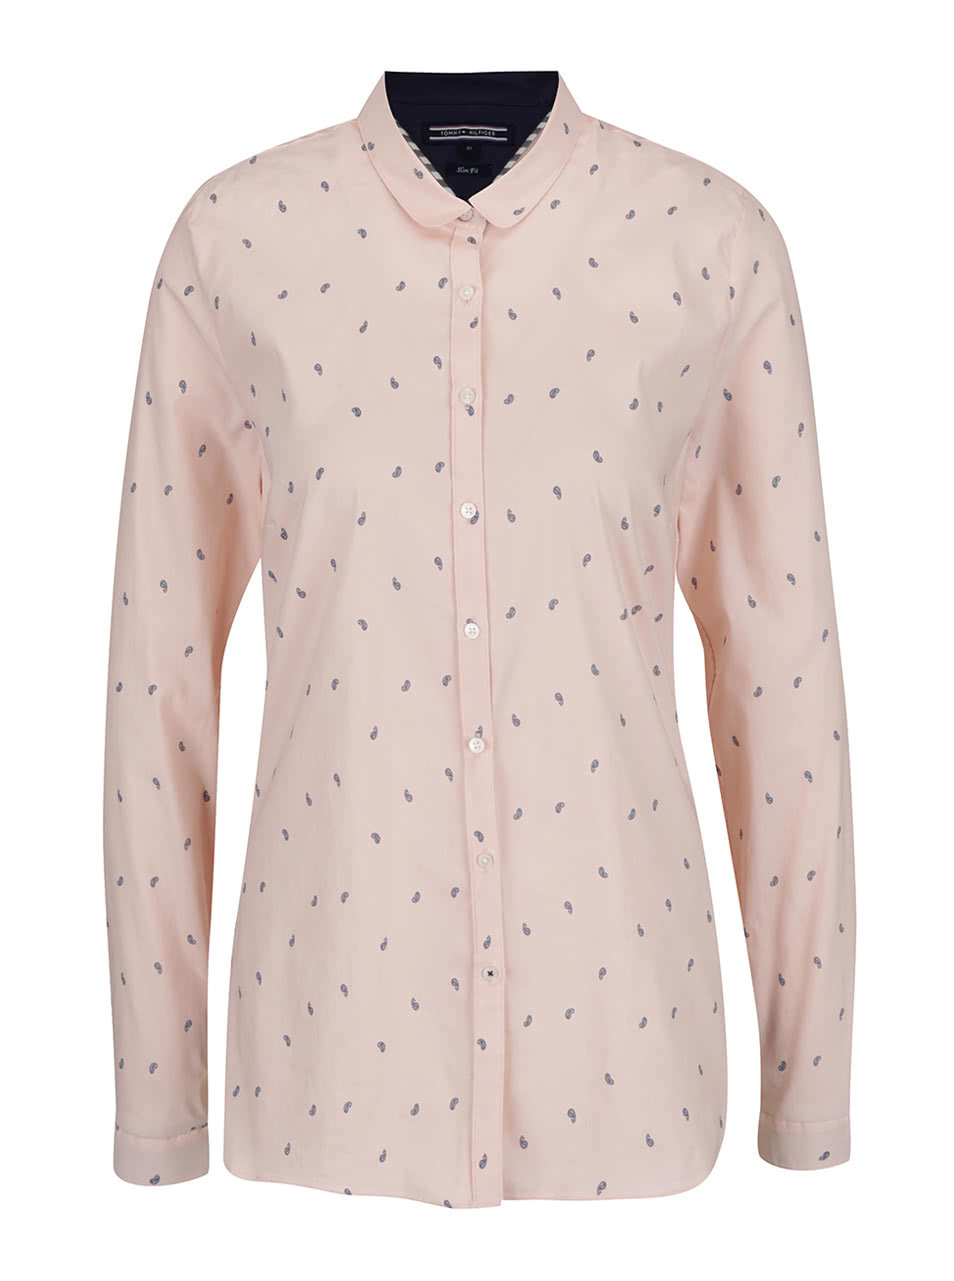 19f5e992fb8 Růžová dámská vzorovaná košile Tommy Hilfiger ...